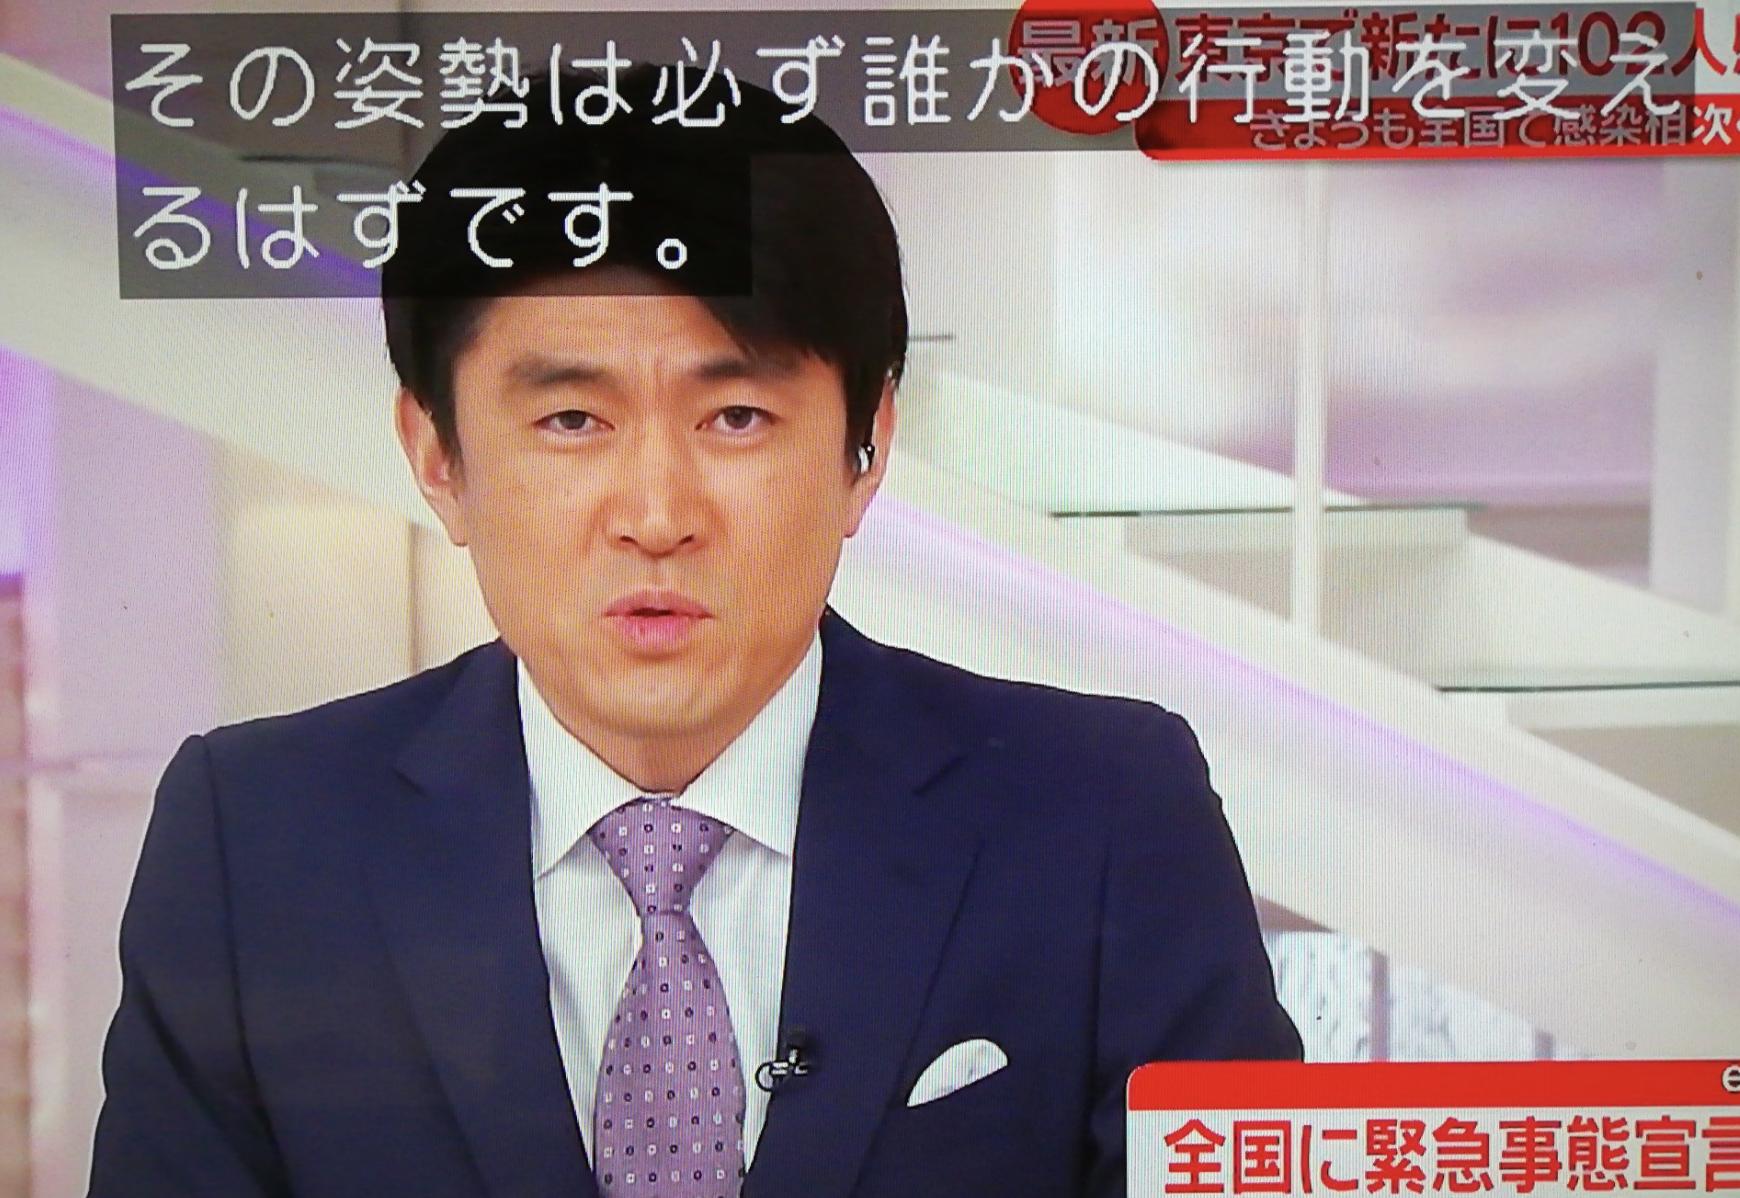 アナウンサー 藤井